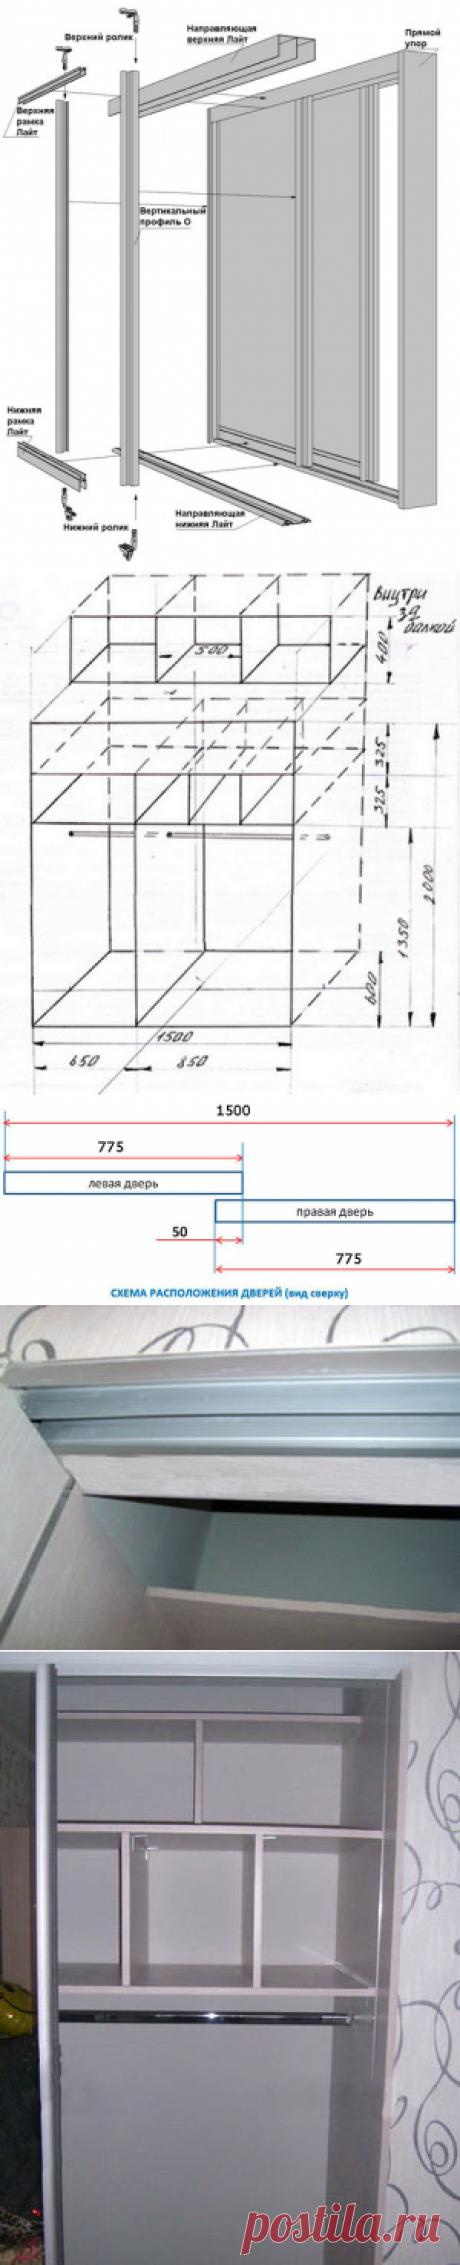 Как собрать встроенный шкаф купе своими руками – инструкция с фото и чертежами